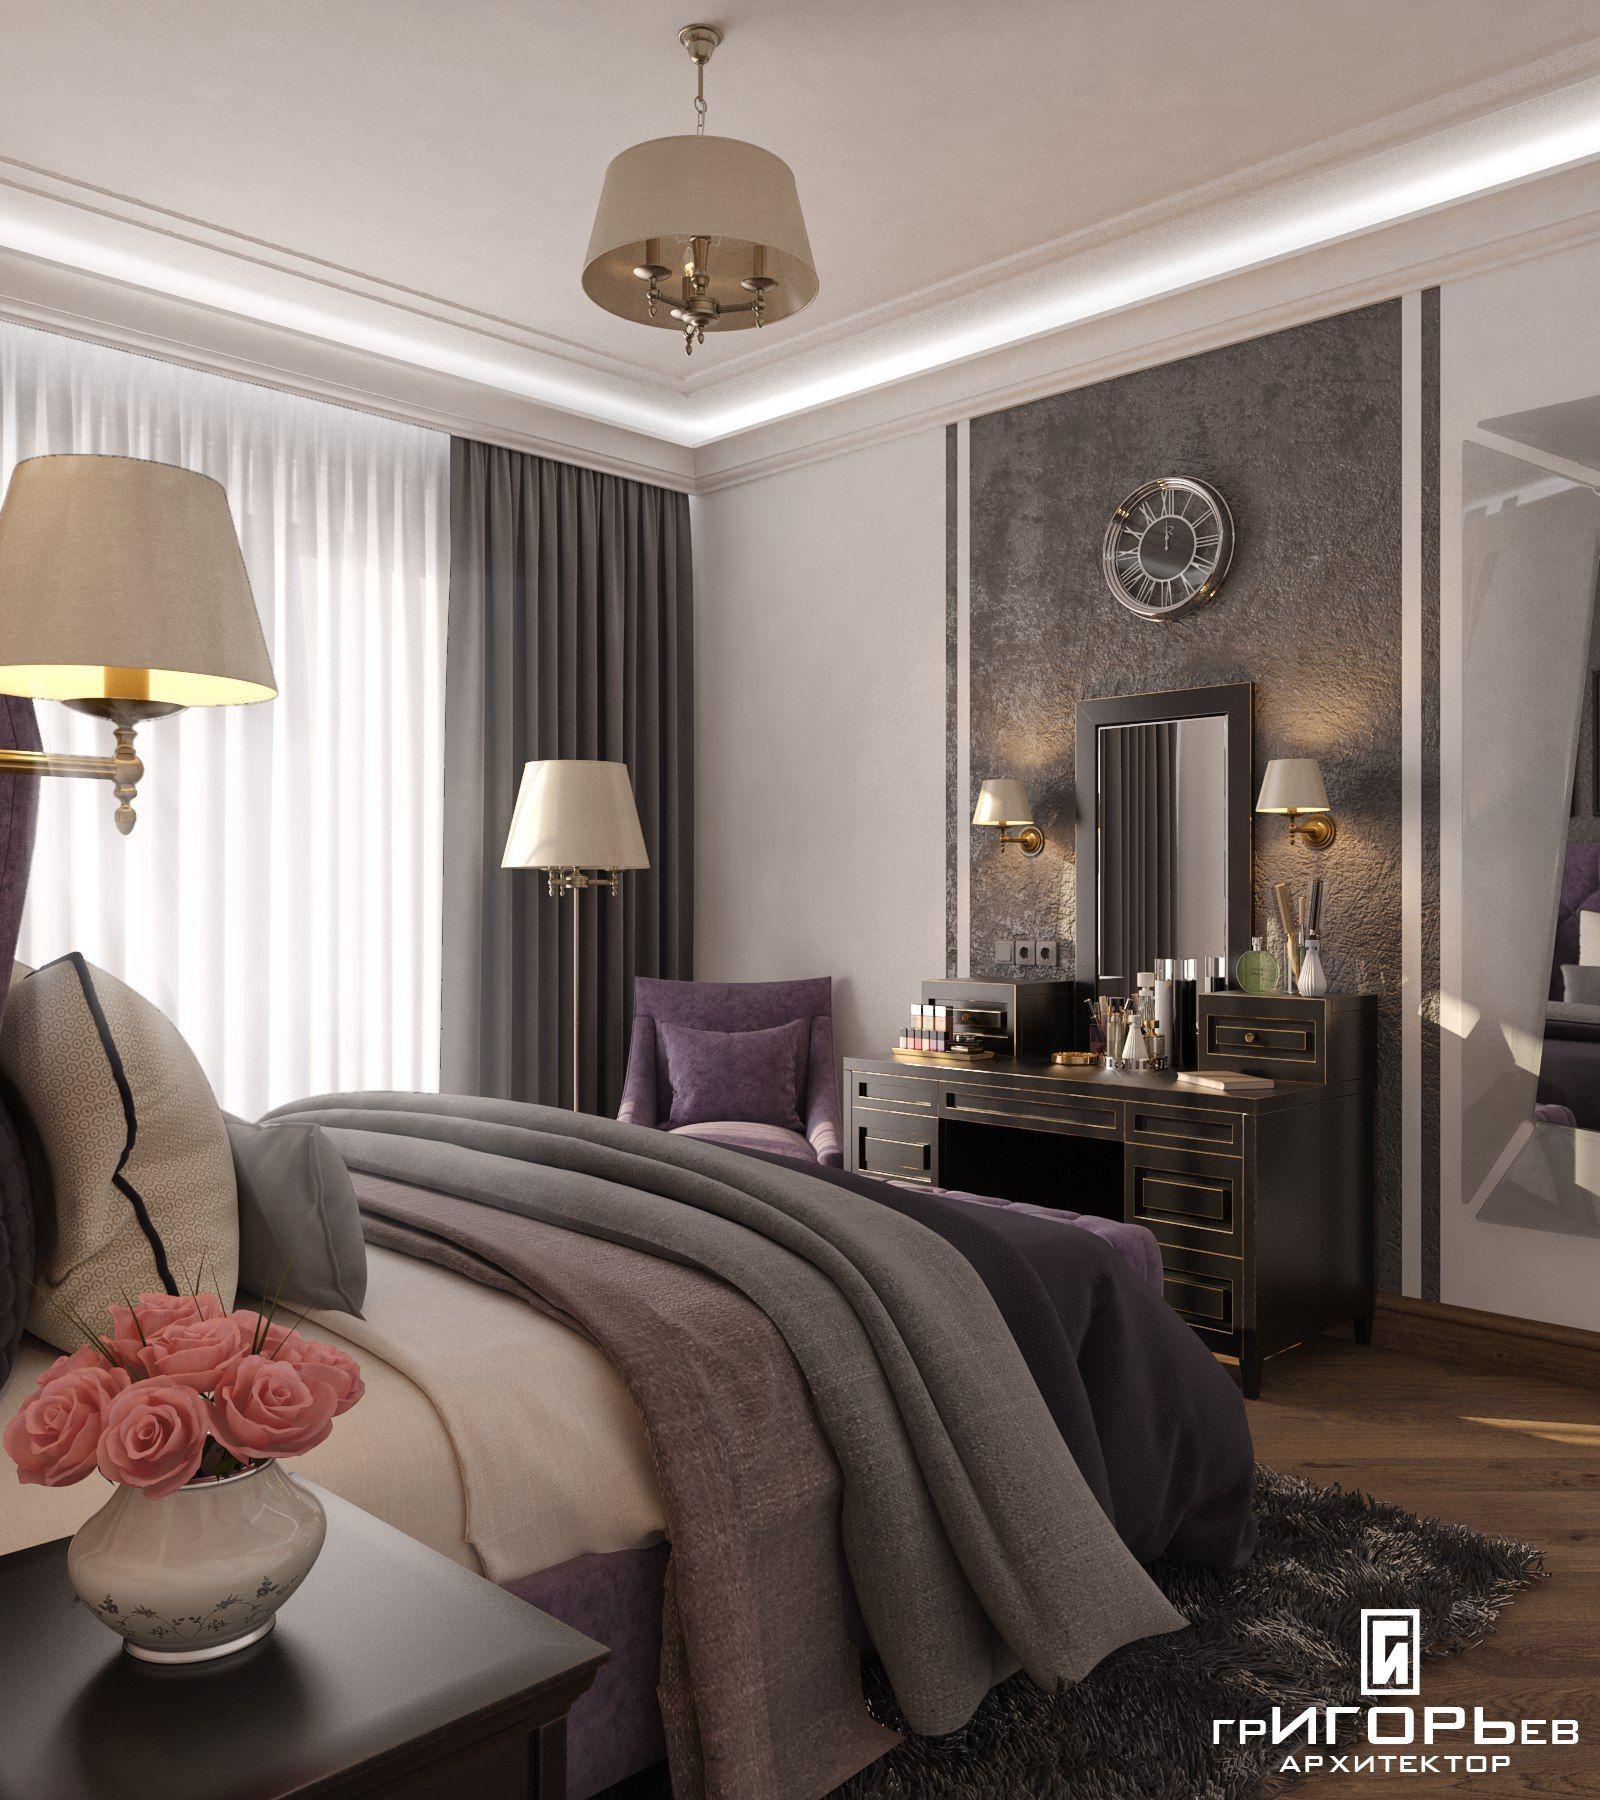 Фото интерьер спаРьни из проекта Дизайн интерьера трехкомнатной